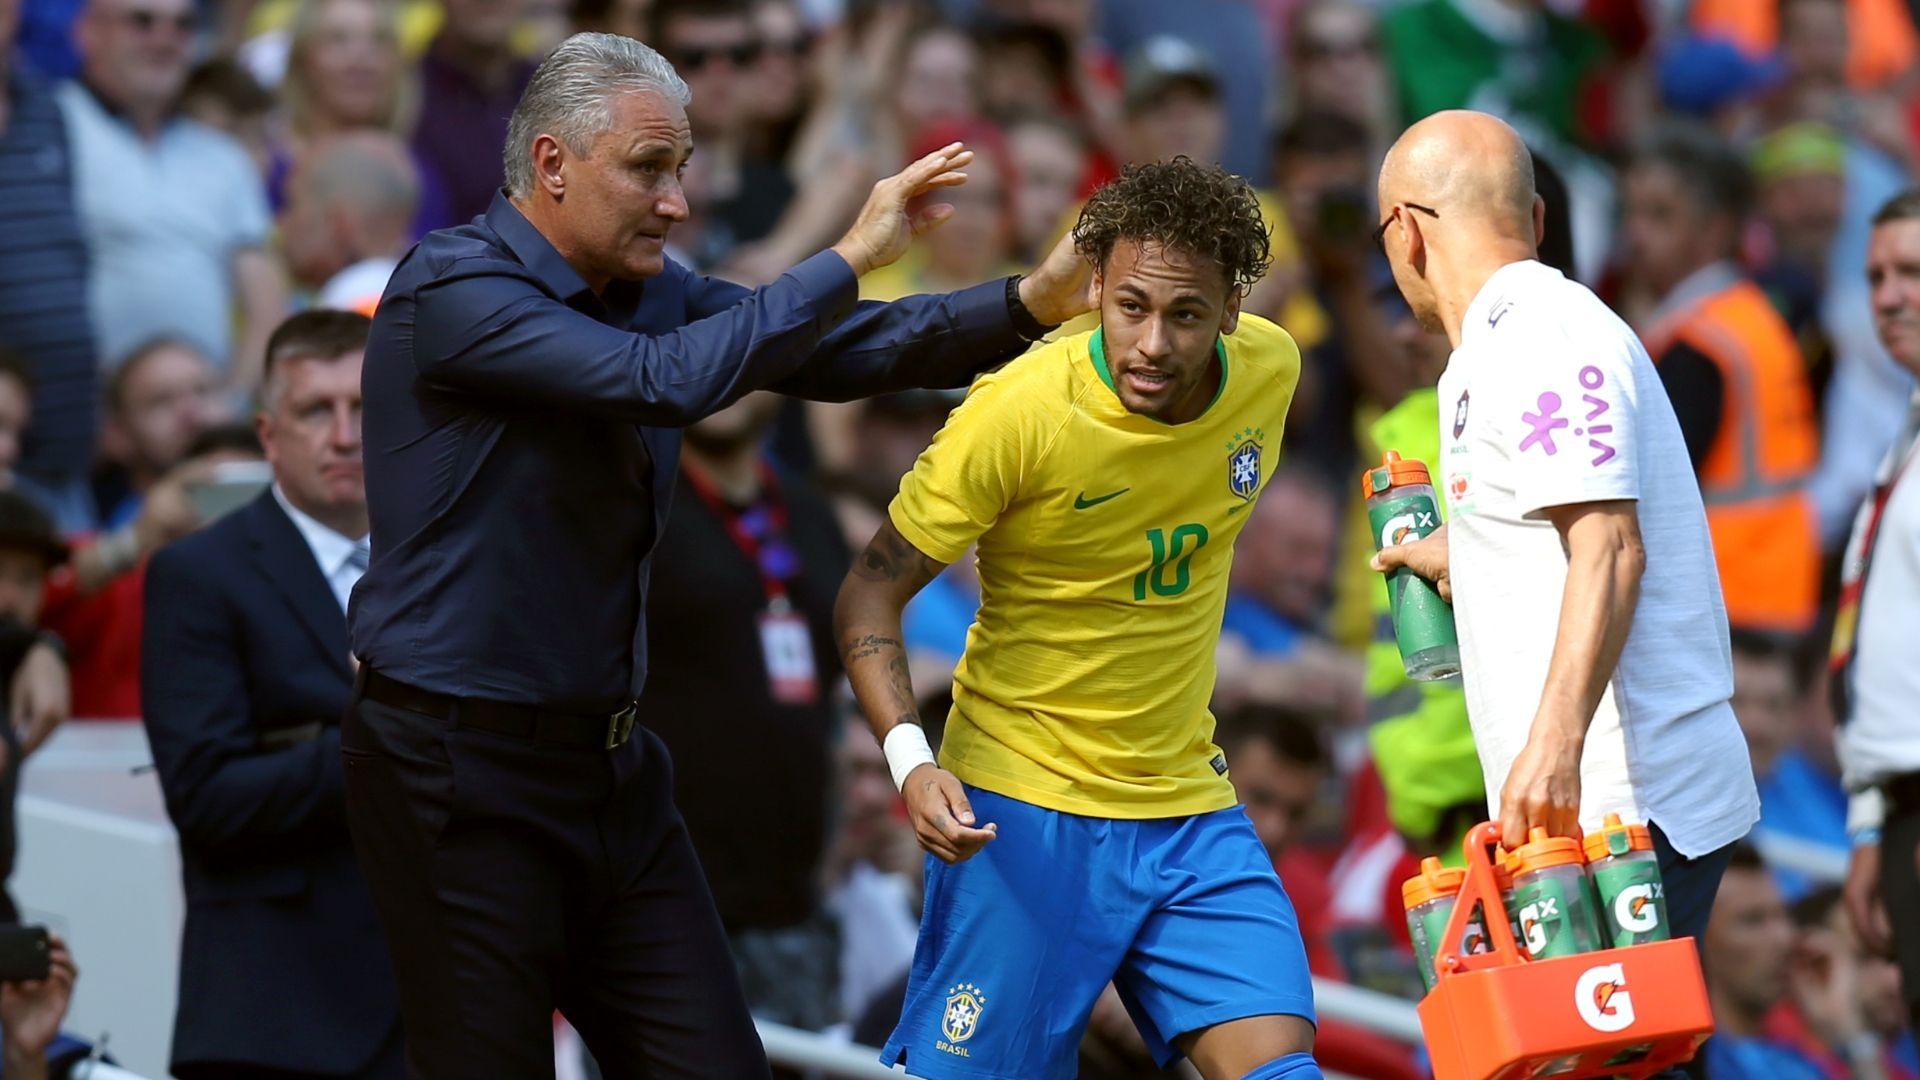 Brazili nuk i trembet askujt, shkon si më favoriti mes favoriteve në Rusi